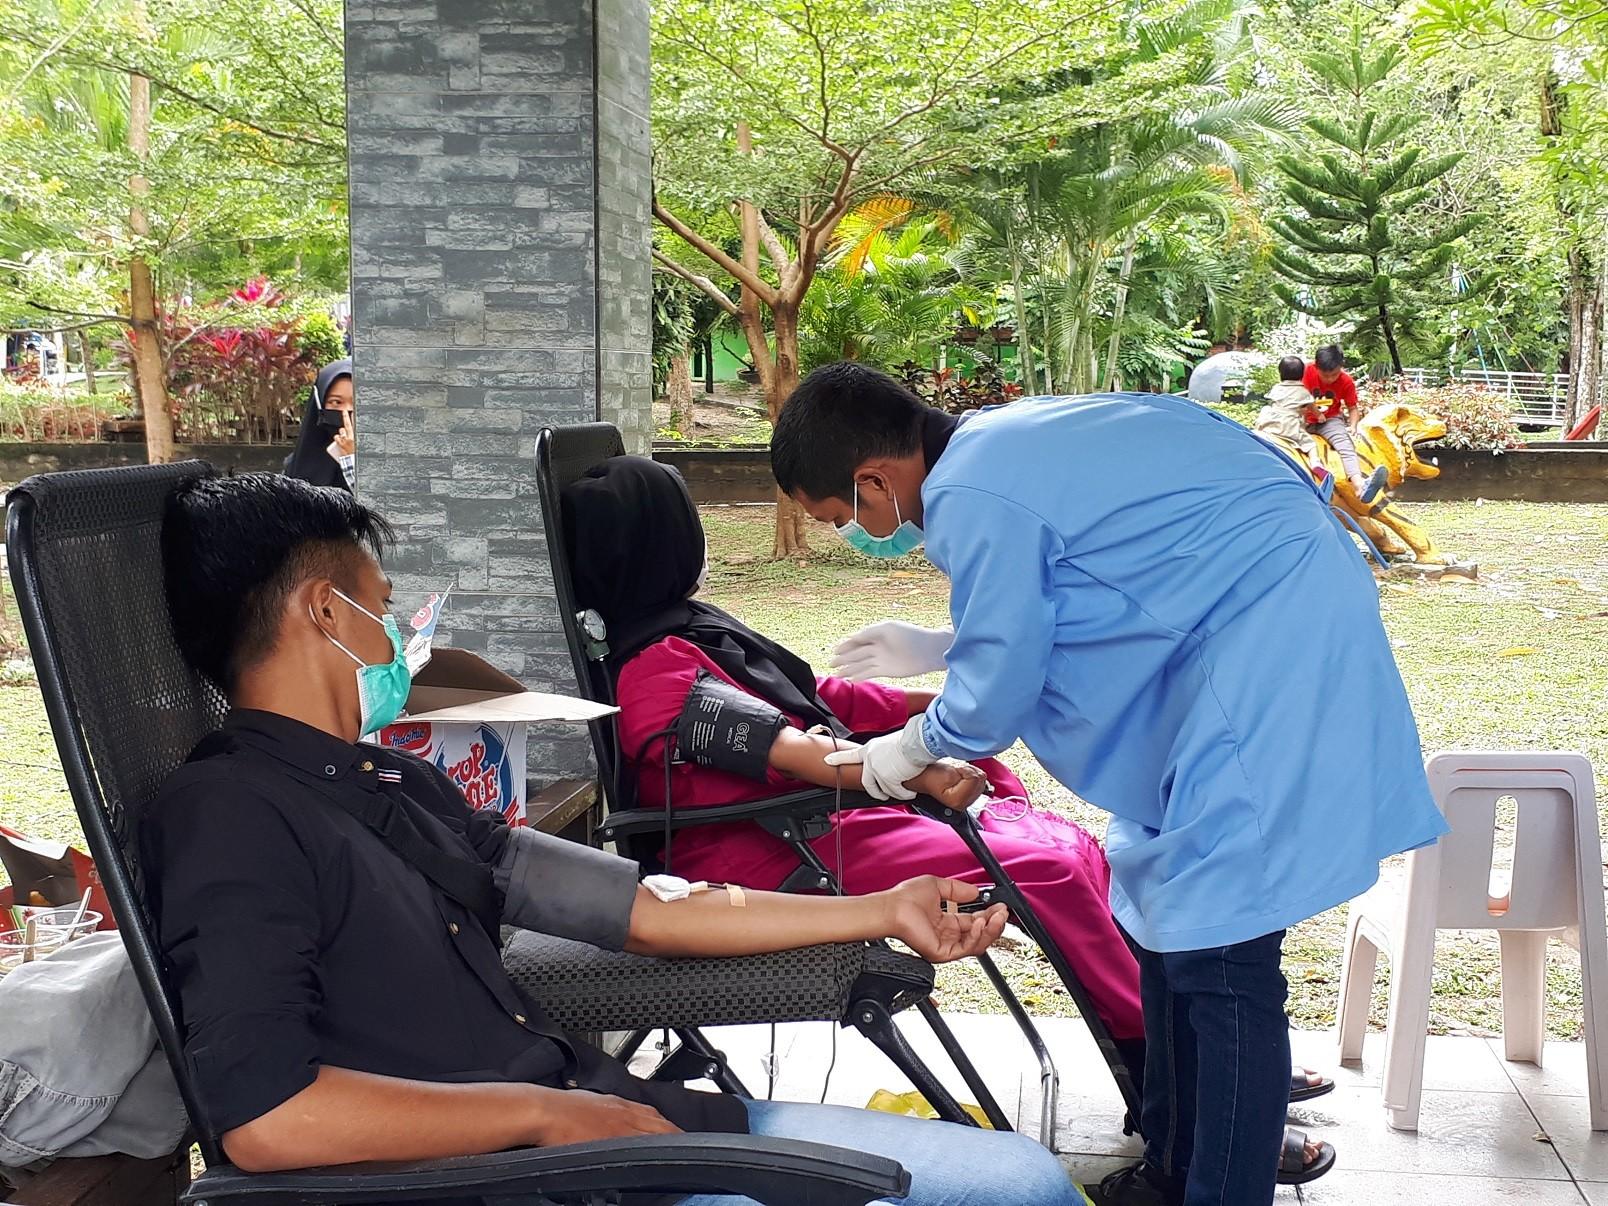 Wujud Solidaritas kemanusiaan, UKK KSR PMI Gelar Donor Darah I